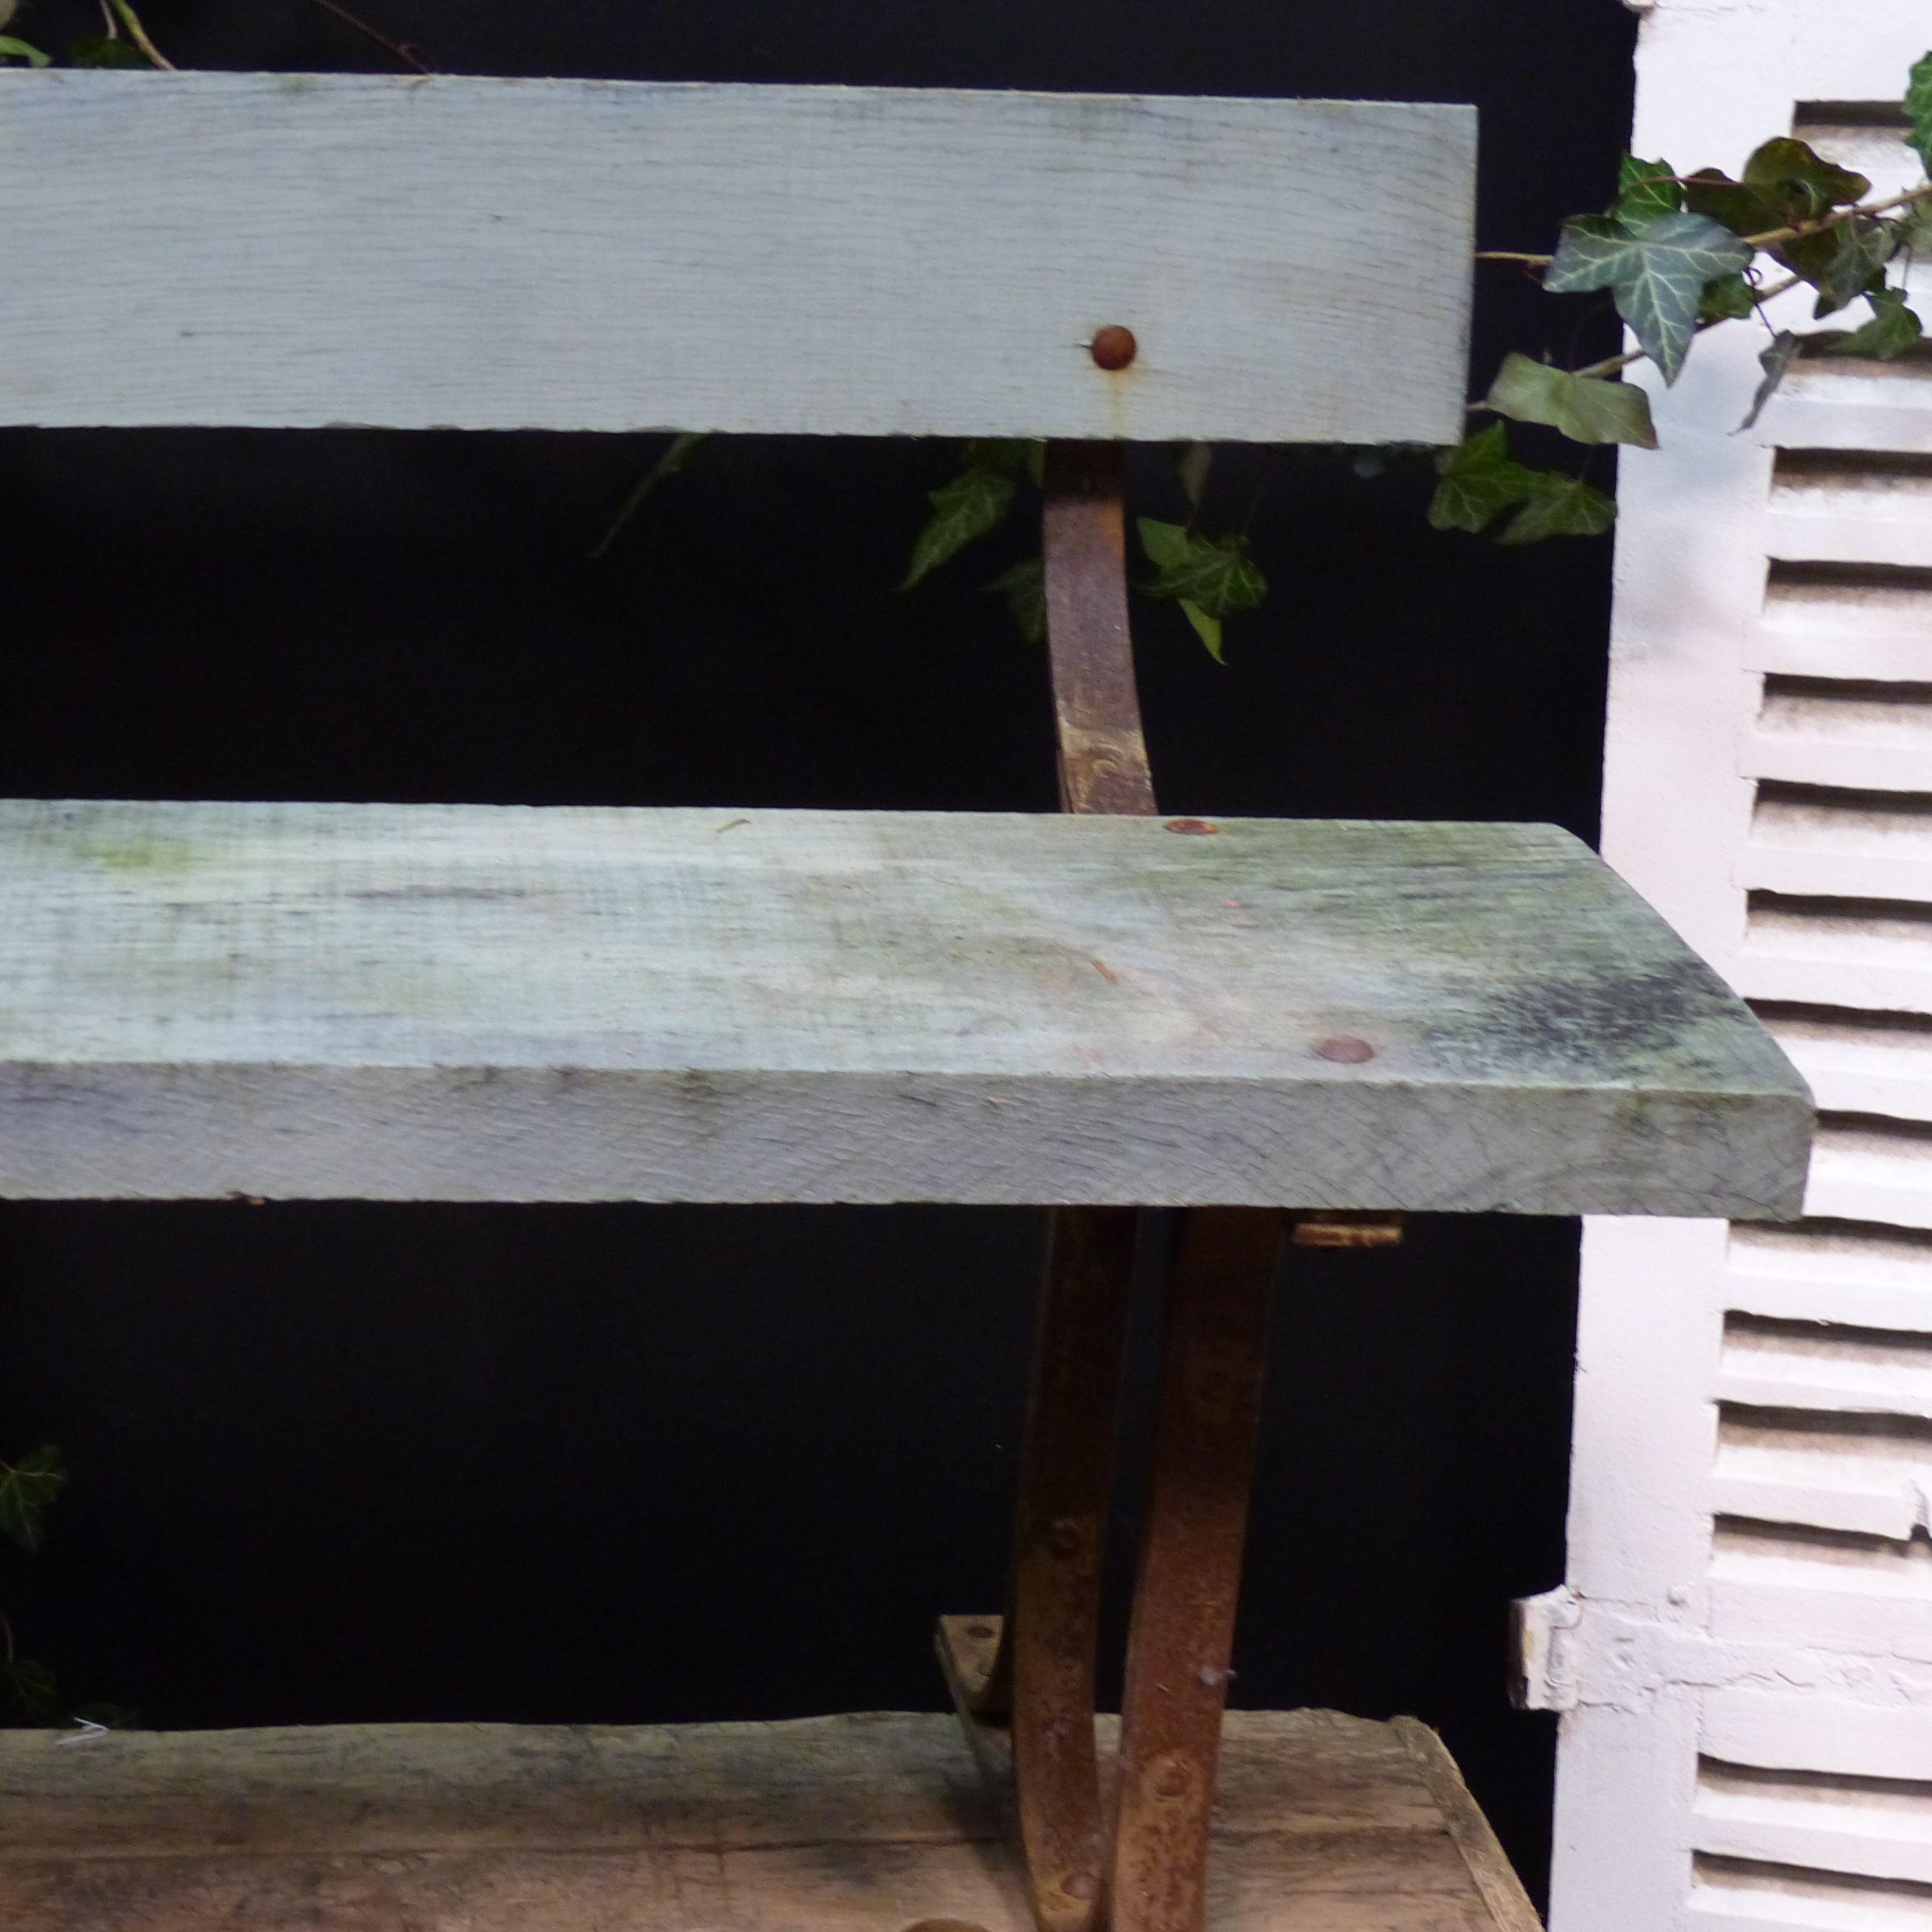 Ancien banc de jardin pour enfant lignedebrocante - Banc de jardin ancien ...